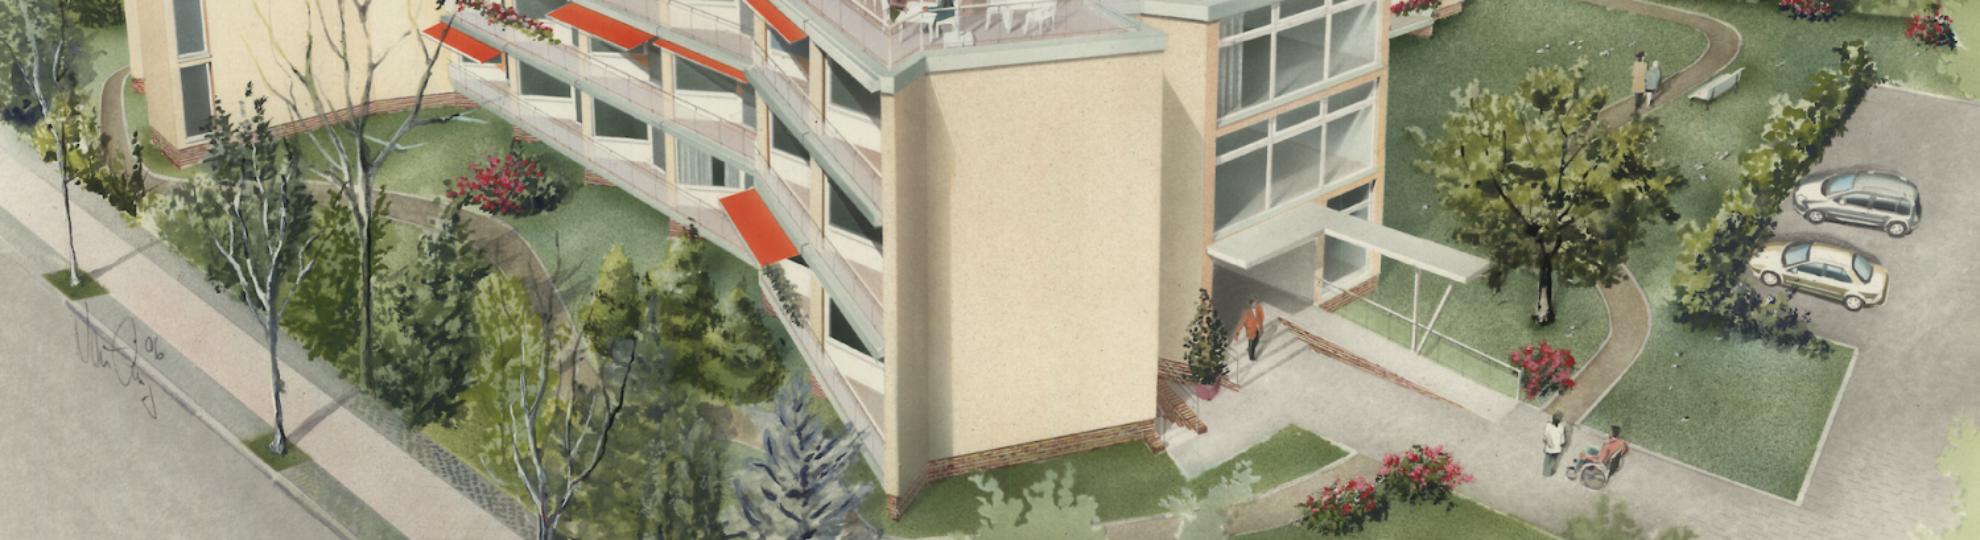 Betreutes Wohnen – Pflegeheim Architekt & Projektentwicklung